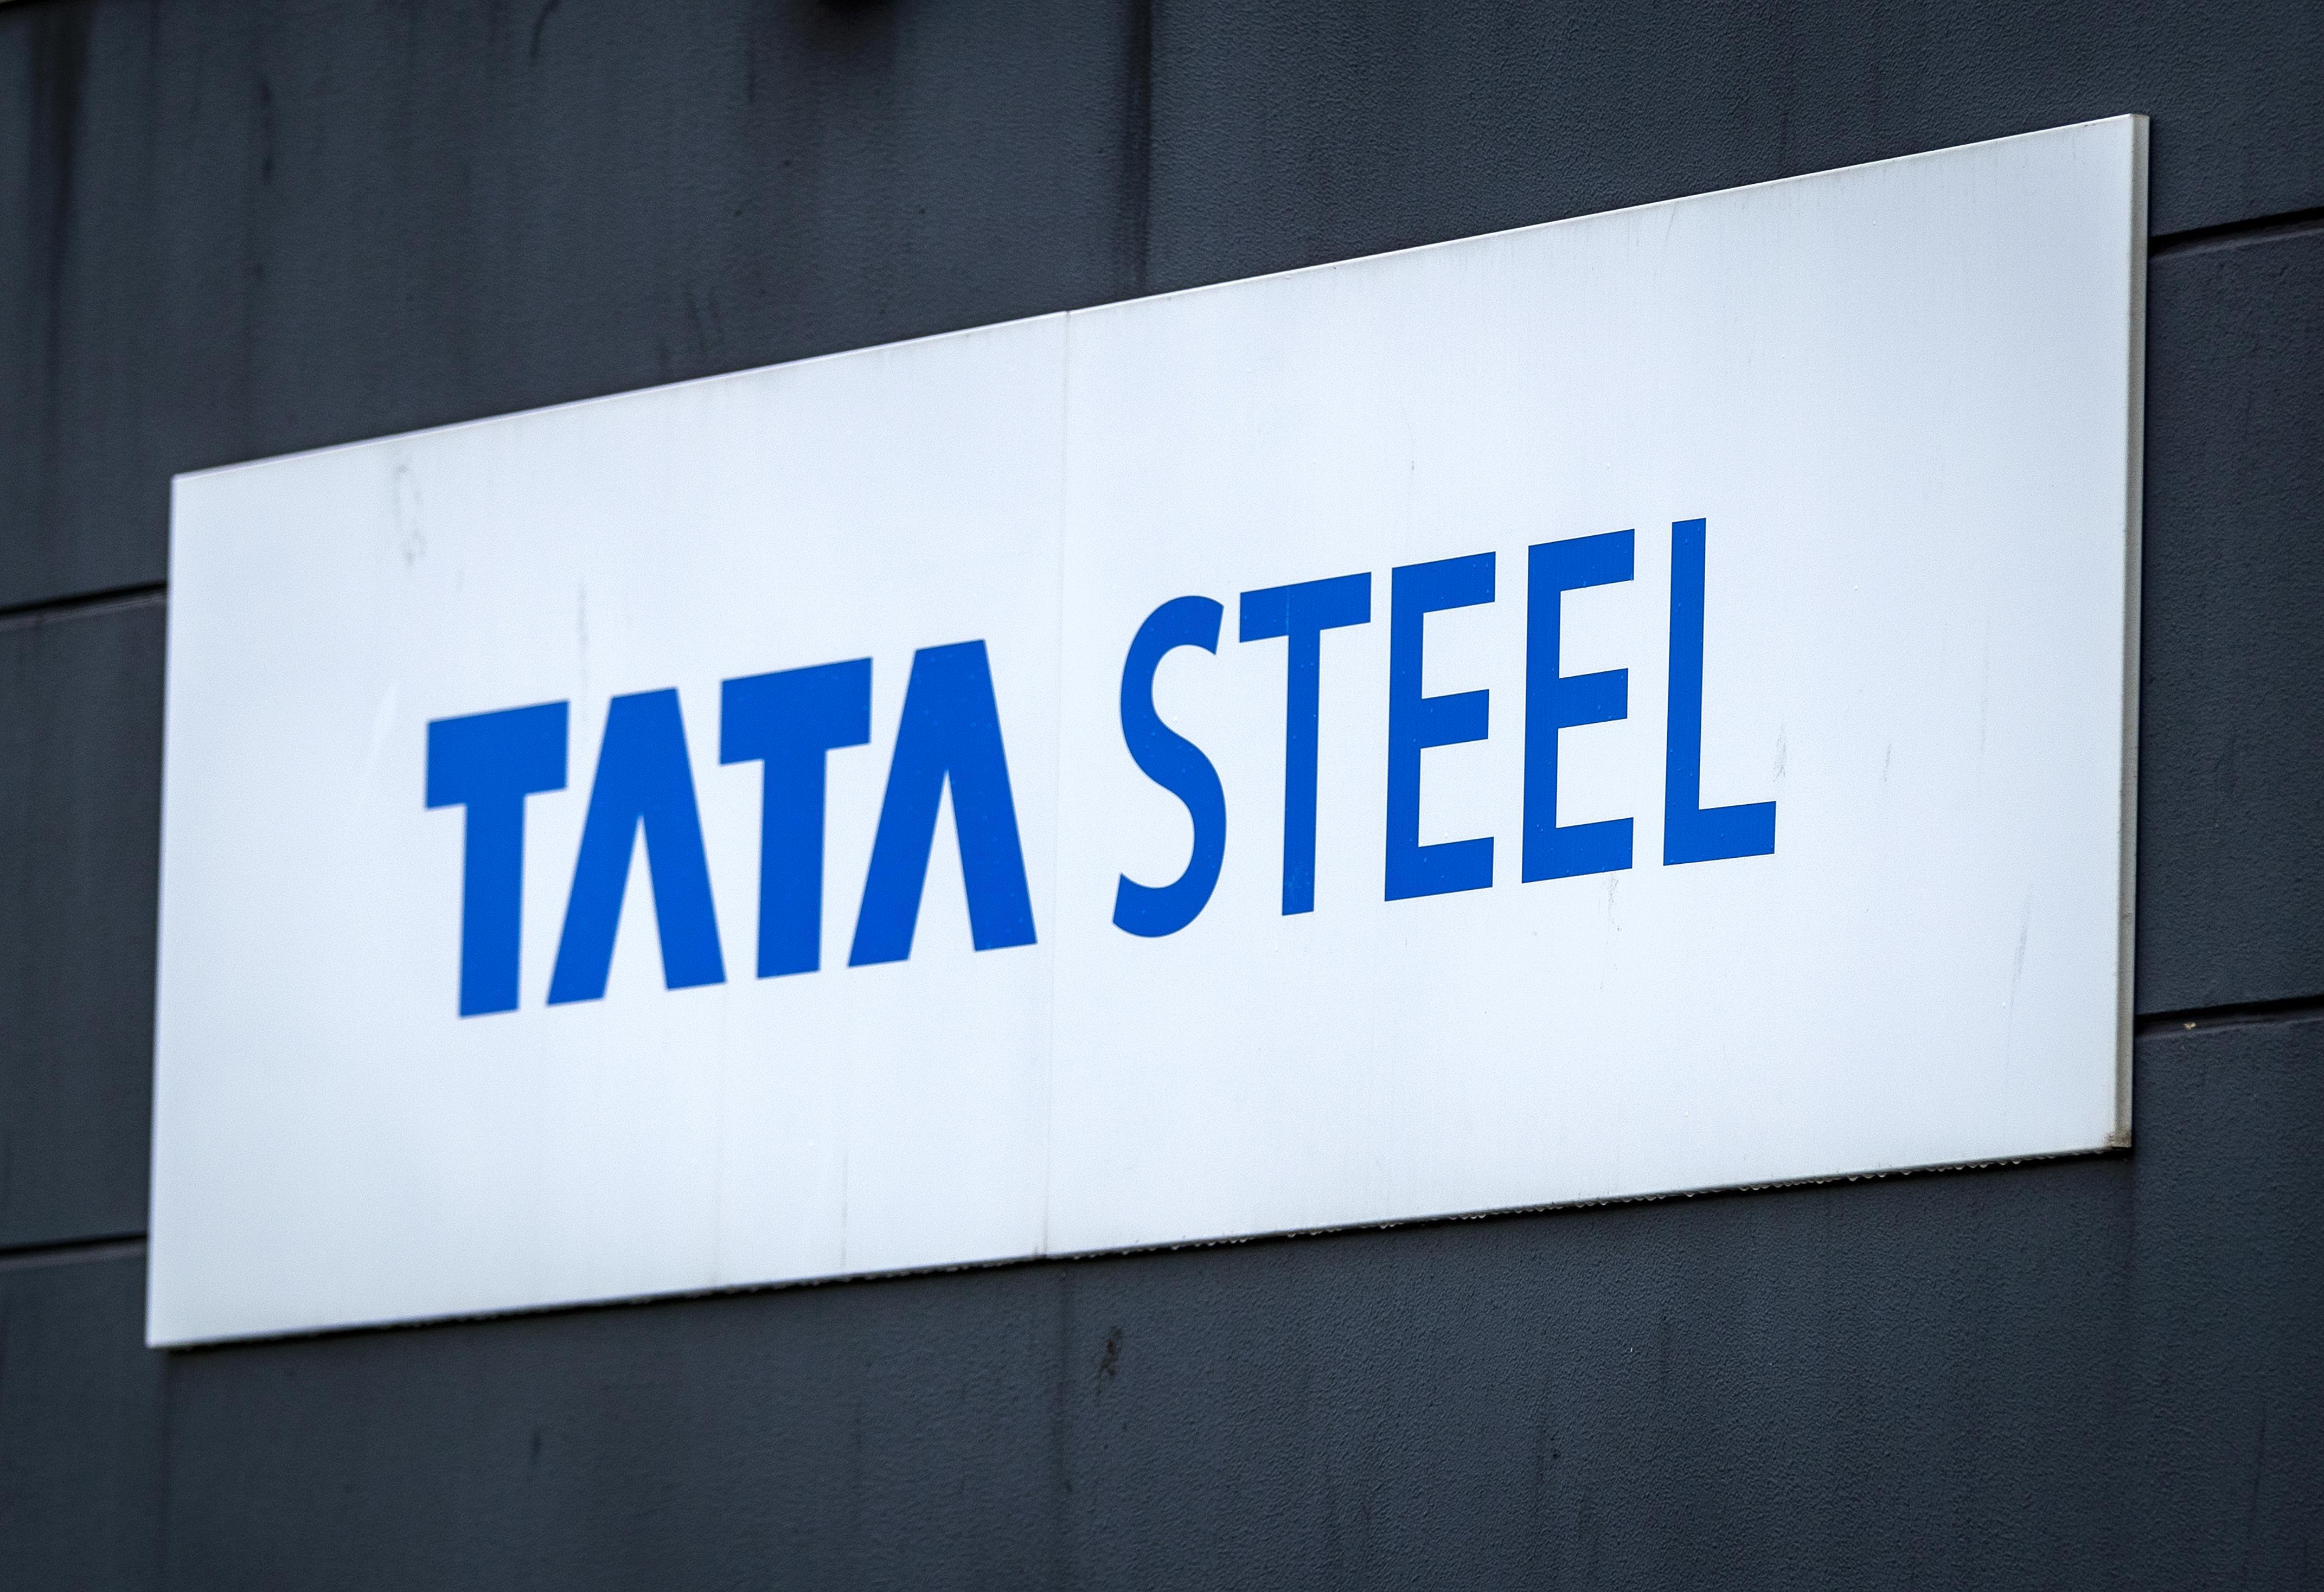 Voortbestaan Tata Steel op de tocht na mega-verlies 925 miljoen